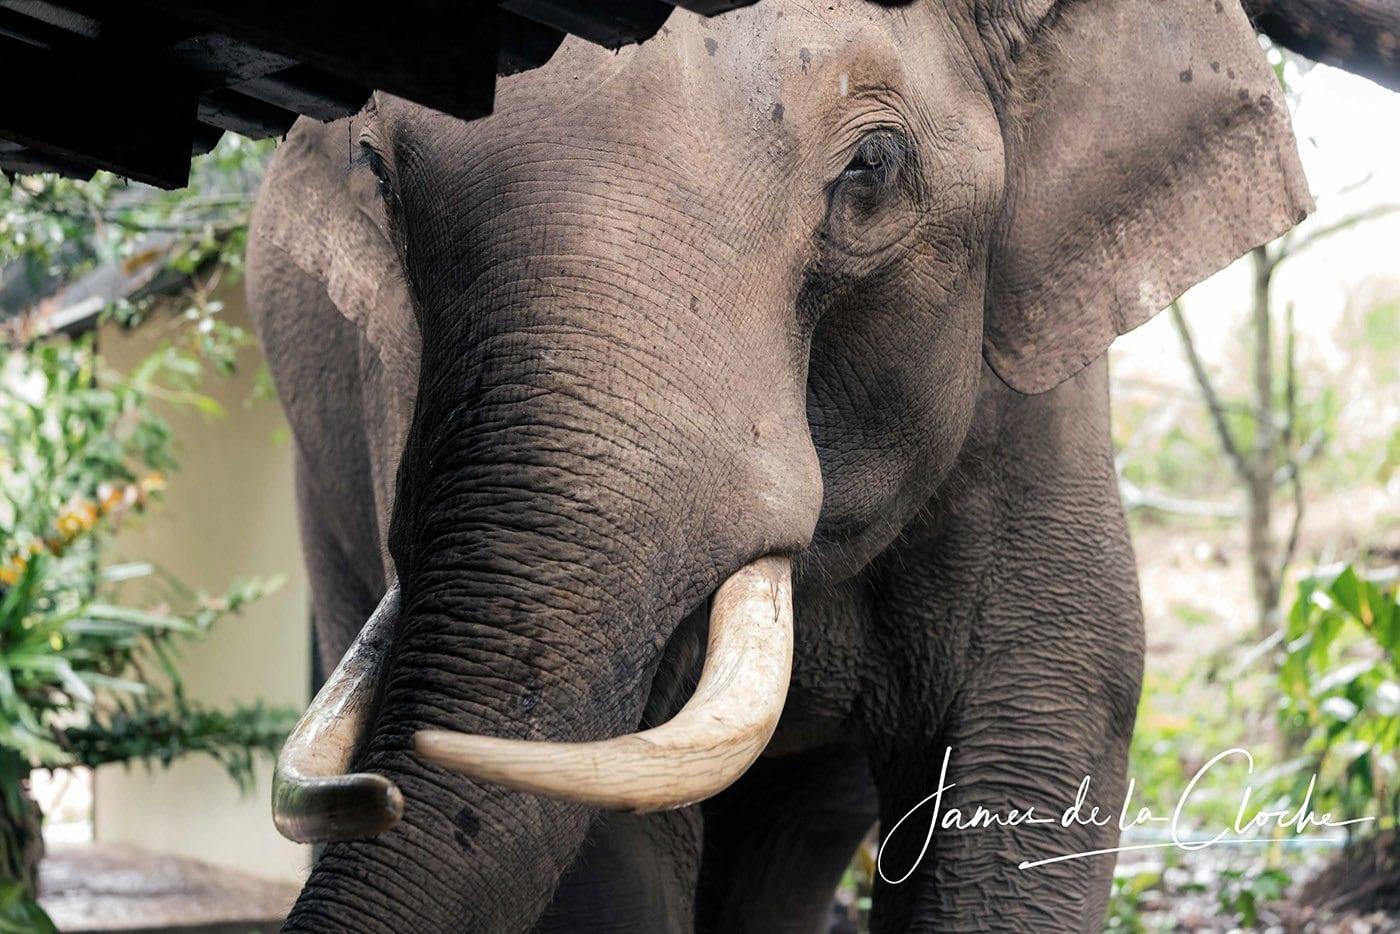 Giant Bull Elephant Up Close